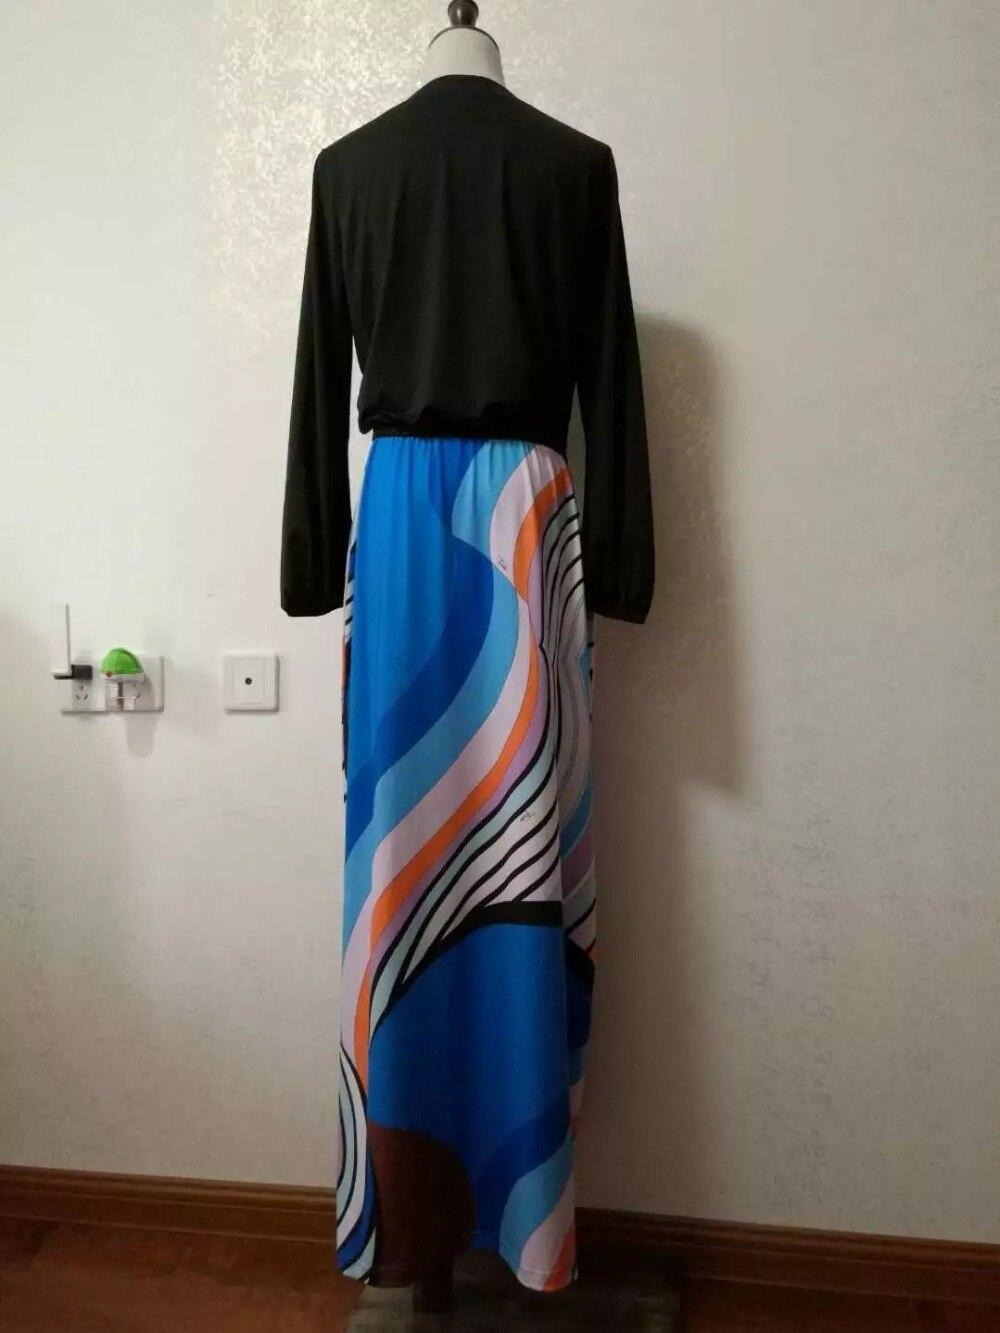 Nuovo Lunga Dress Manica Seta Size Plus Geometrica Elasticizzato Xxl Long Vestito Casuale Con Fashion Donne Di 2017 Maxi Delle Jersey Stampa vxazrqvwg